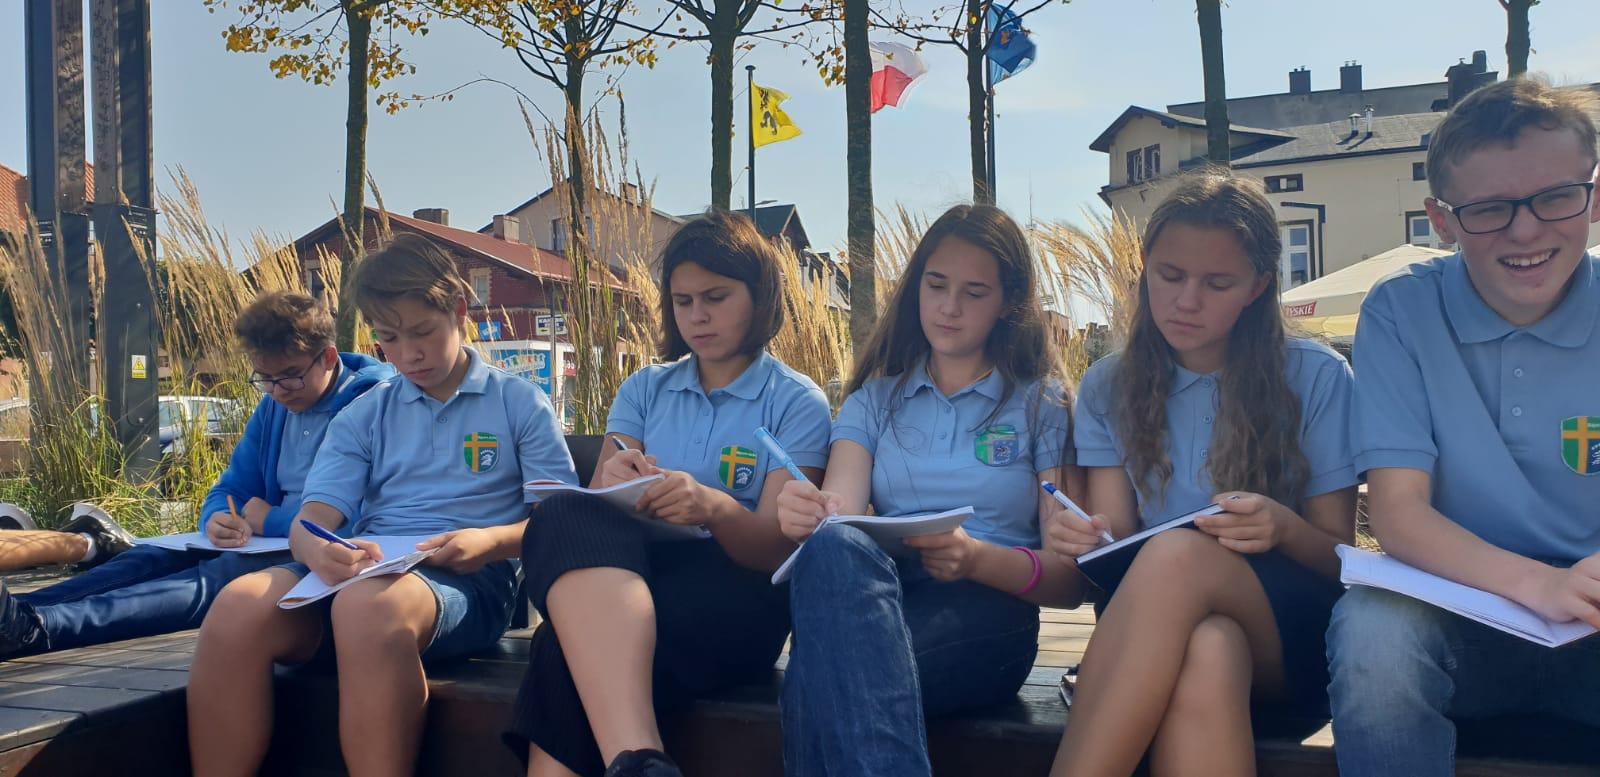 Dzień otwarty w Katolickiej Szkole Podstawowej w Kartuzach